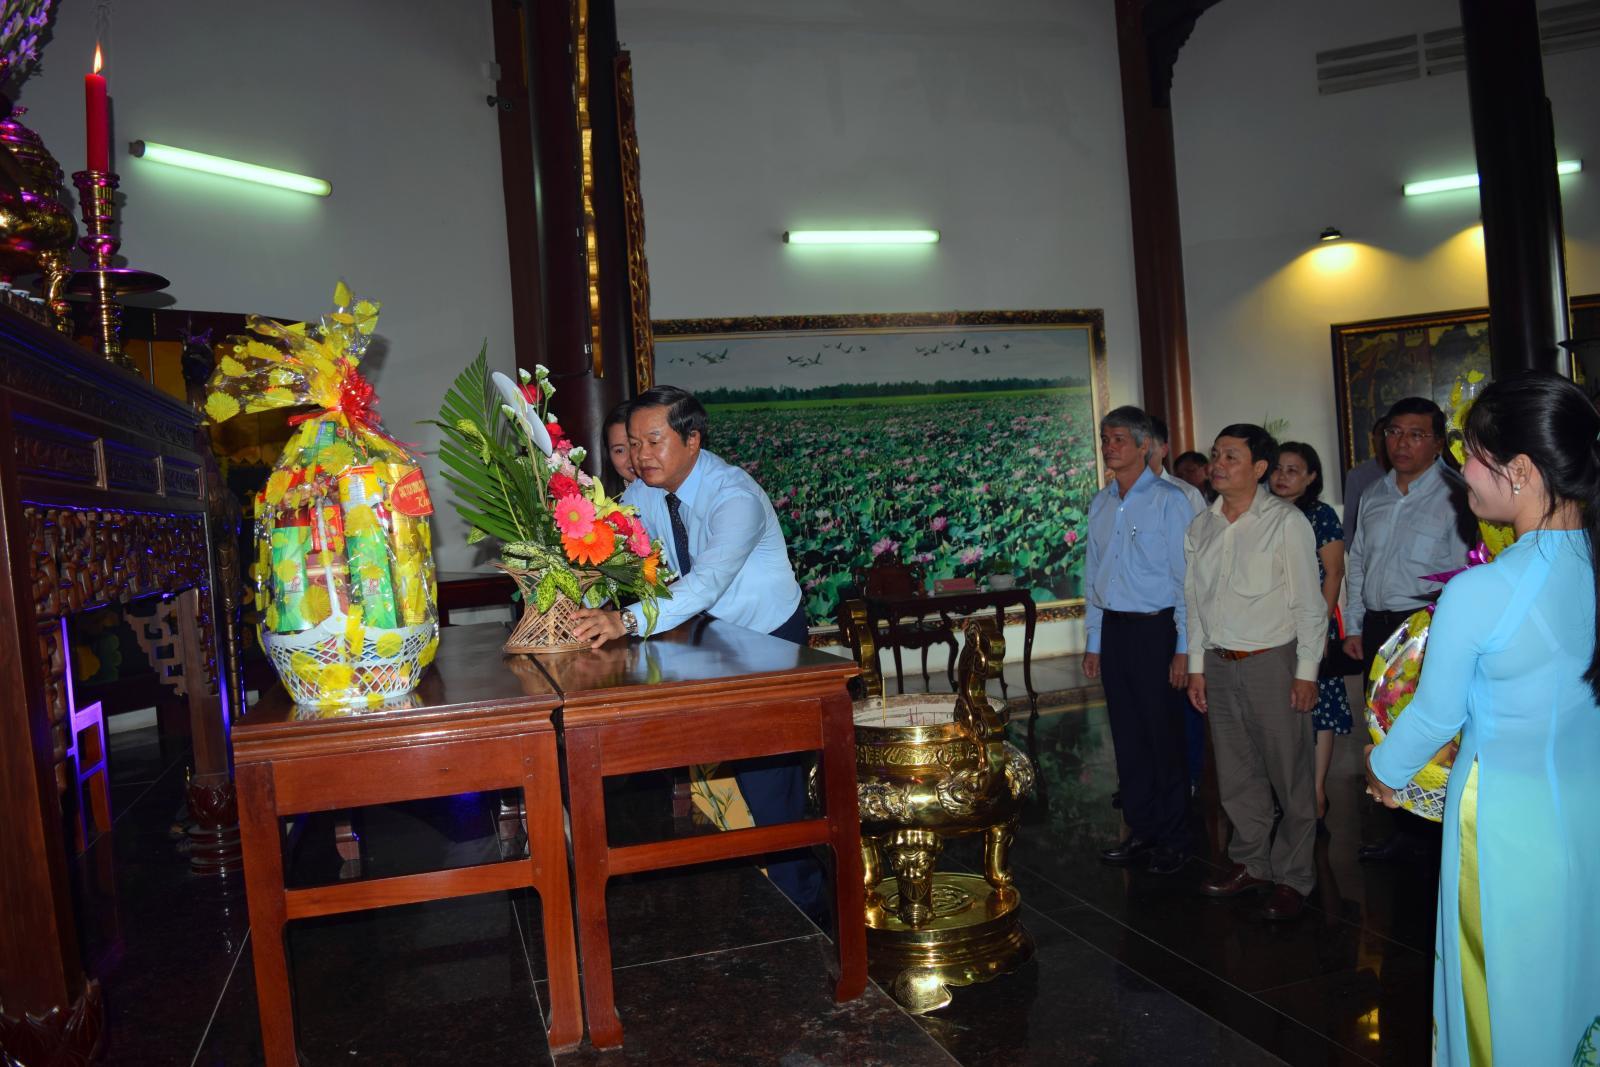 Đại tướng Đỗ Bá Tỵ - Ủy viên BCH Trung ương Đảng, Phó Chủ tịch Quốc hội nước CHXHCN Việt Nam viếng mộ cụ Phó bảng Nguyễn Sinh Sắc